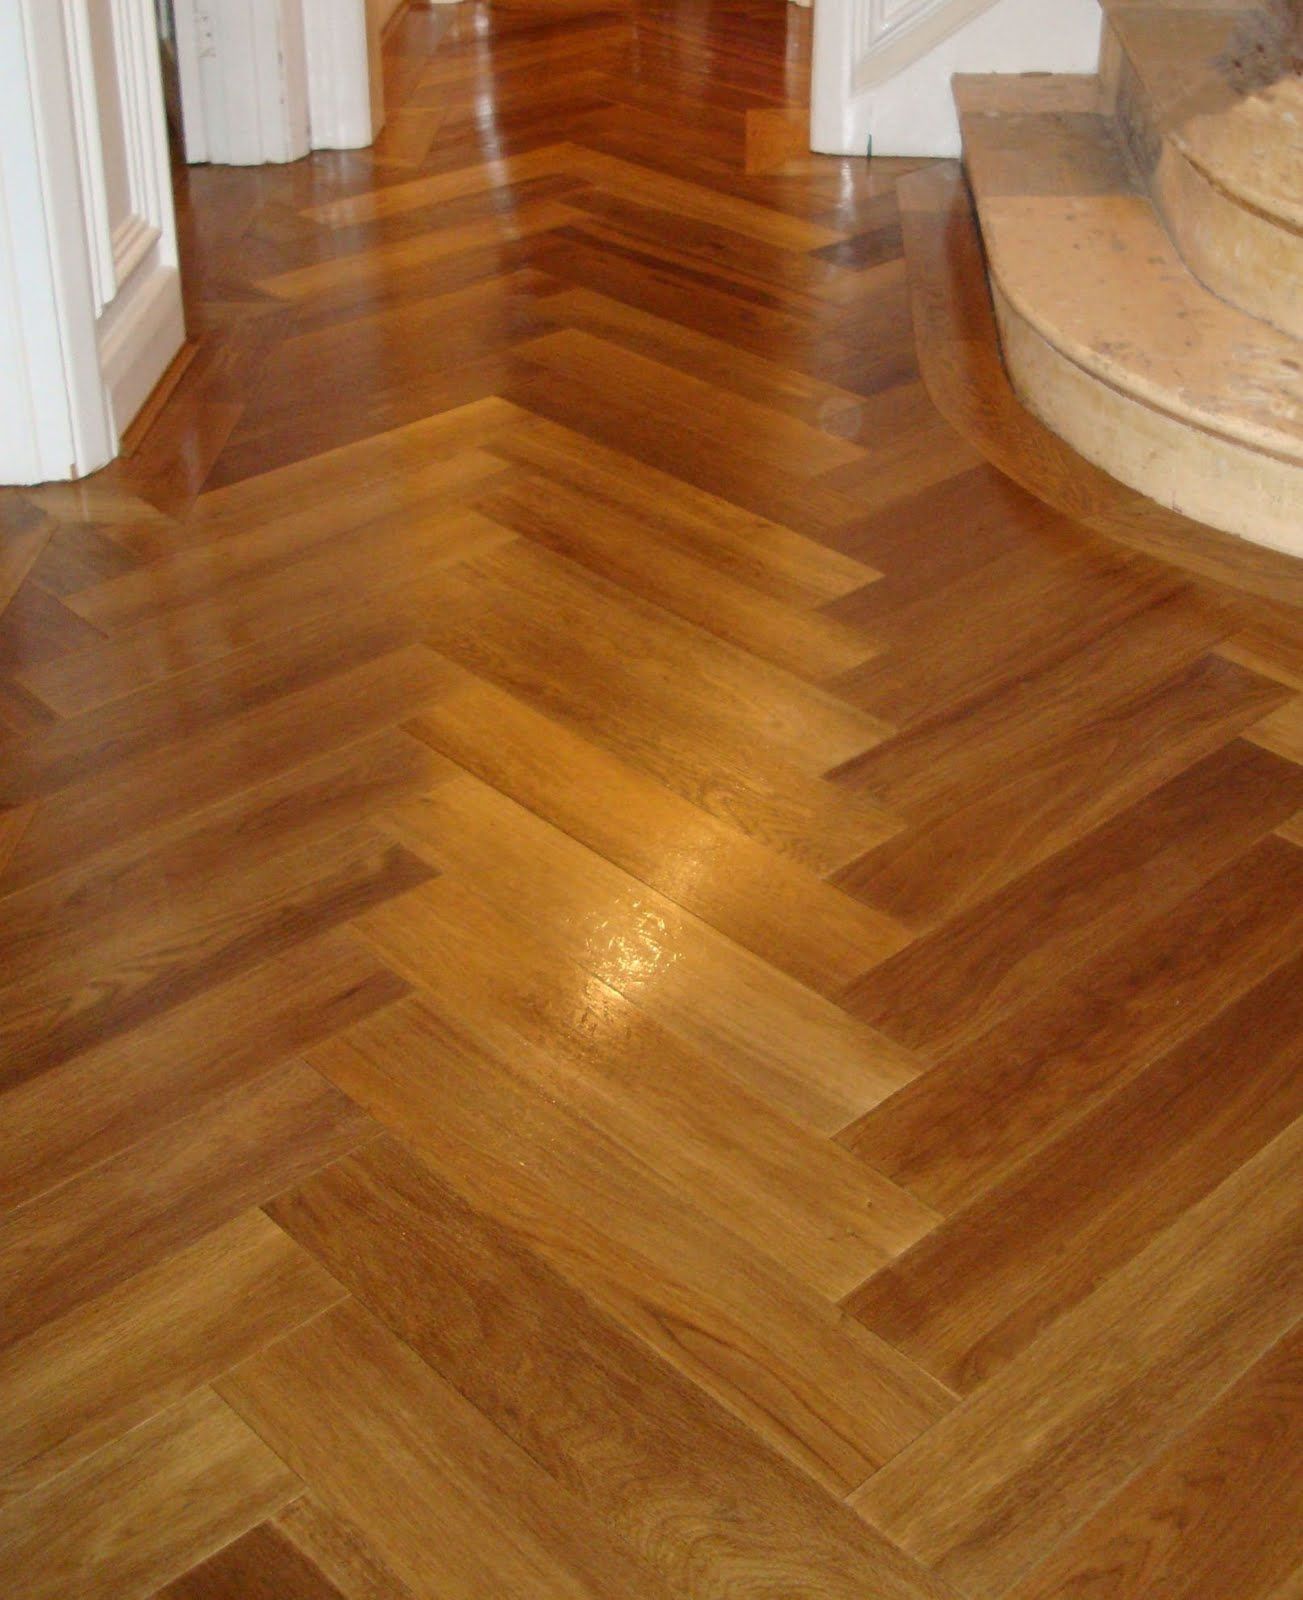 hardwood floor borders ideas of wood flooring ideas wood floorwood floor designwood floor design regarding wood flooring ideas wood floorwood floor designwood floor design ideas